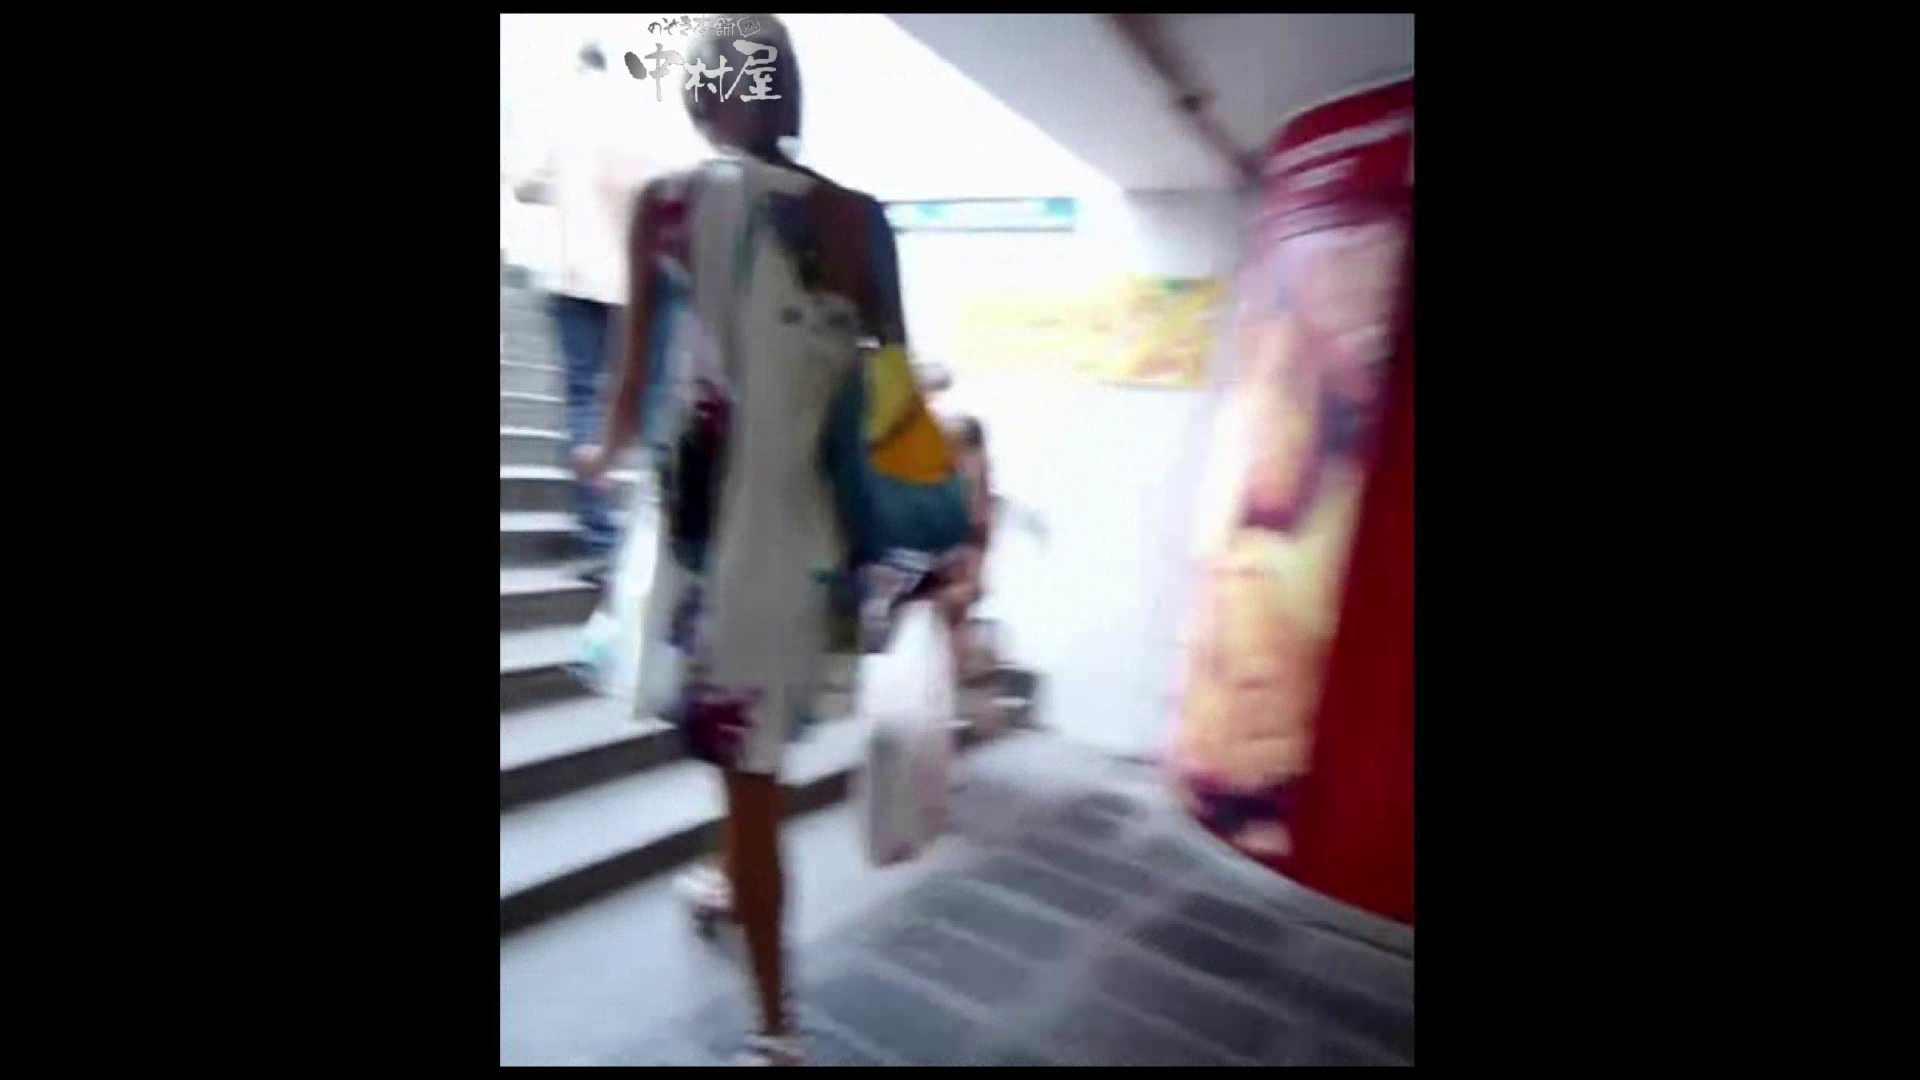 綺麗なモデルさんのスカート捲っちゃおう‼ vol29 お姉さんのエロ生活 ワレメ動画紹介 83連発 83